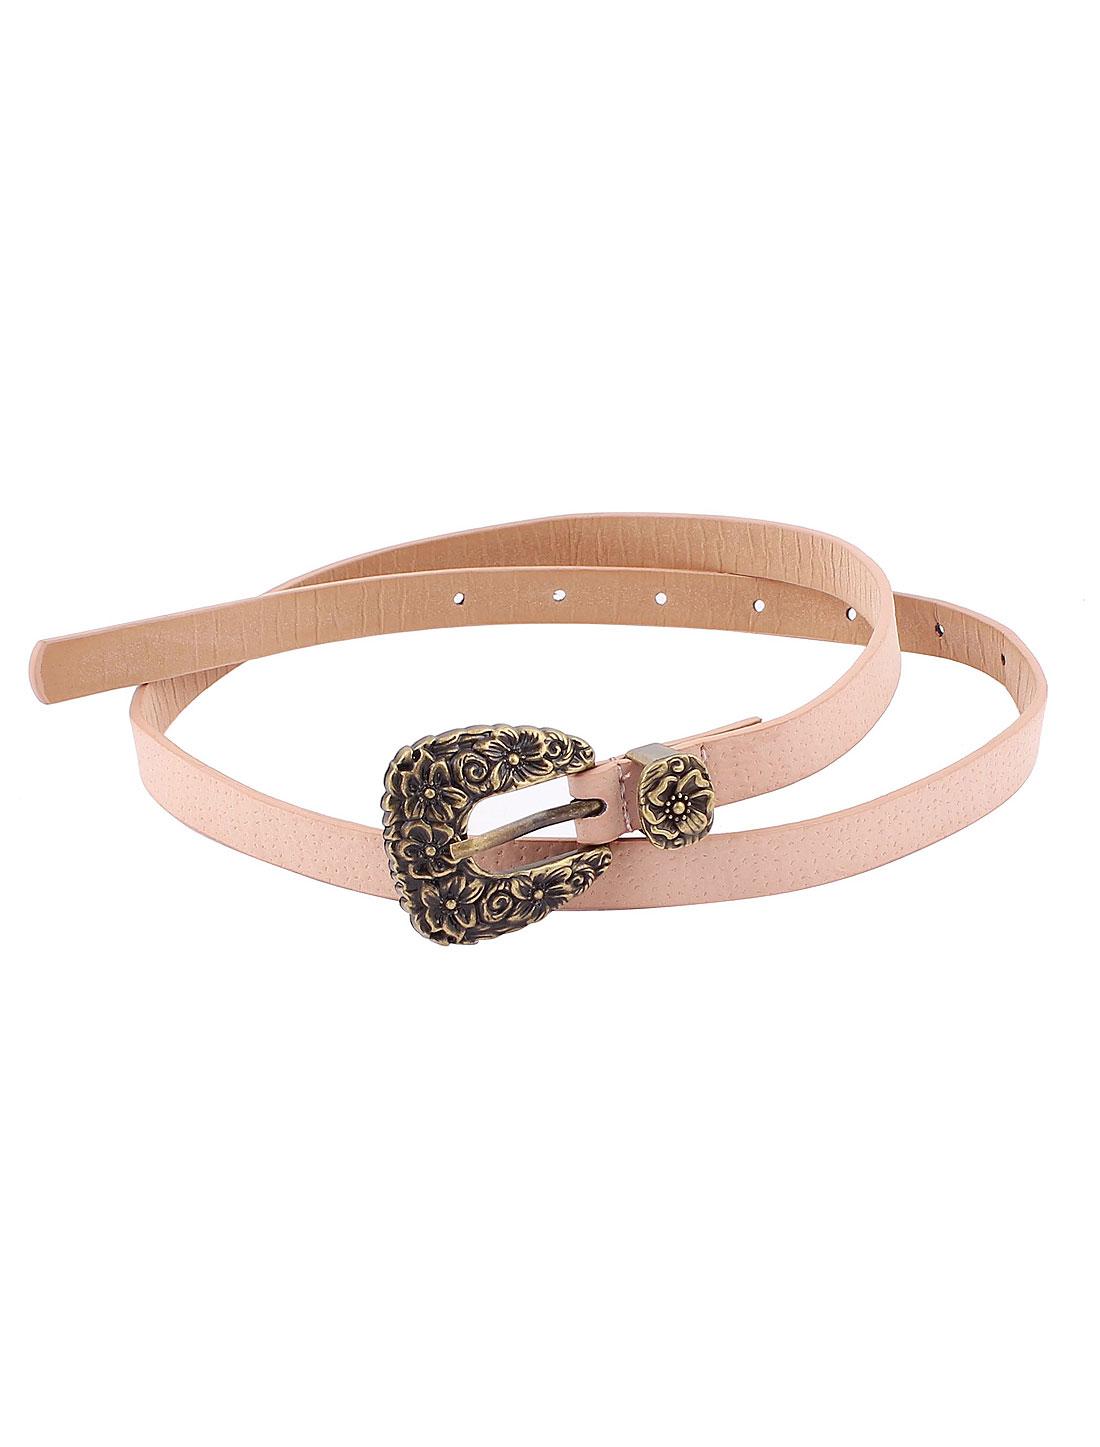 Bronze Tone Metal Flower Buckle Women Slim Waist Belt Waistbelt